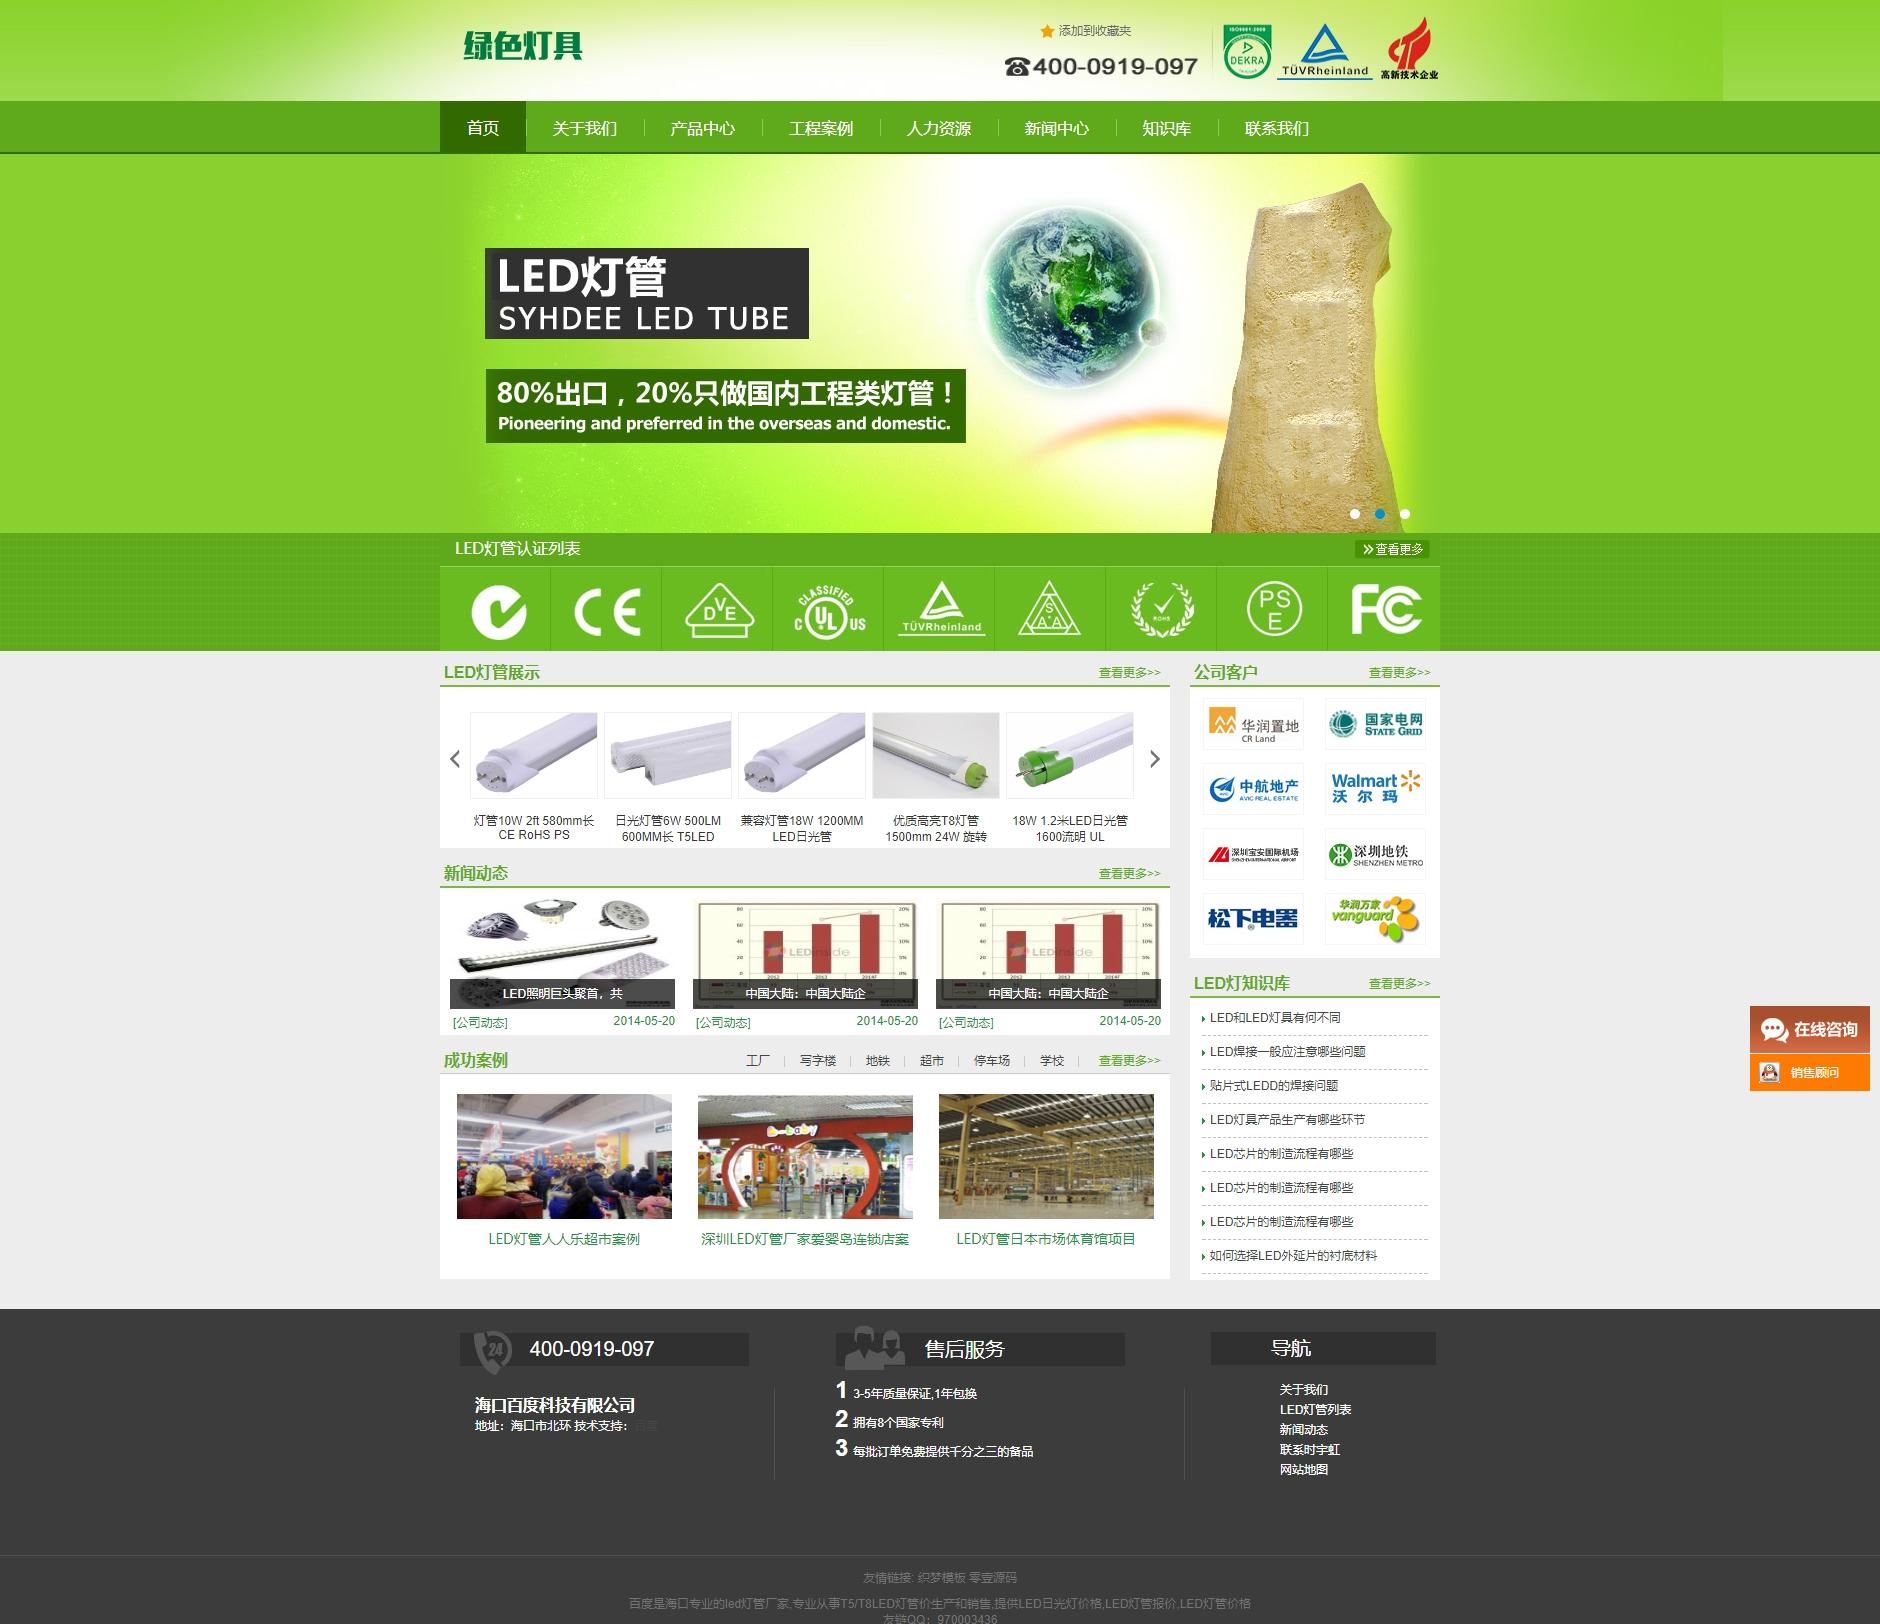 绿色灯具生产企业织梦dedecms模板